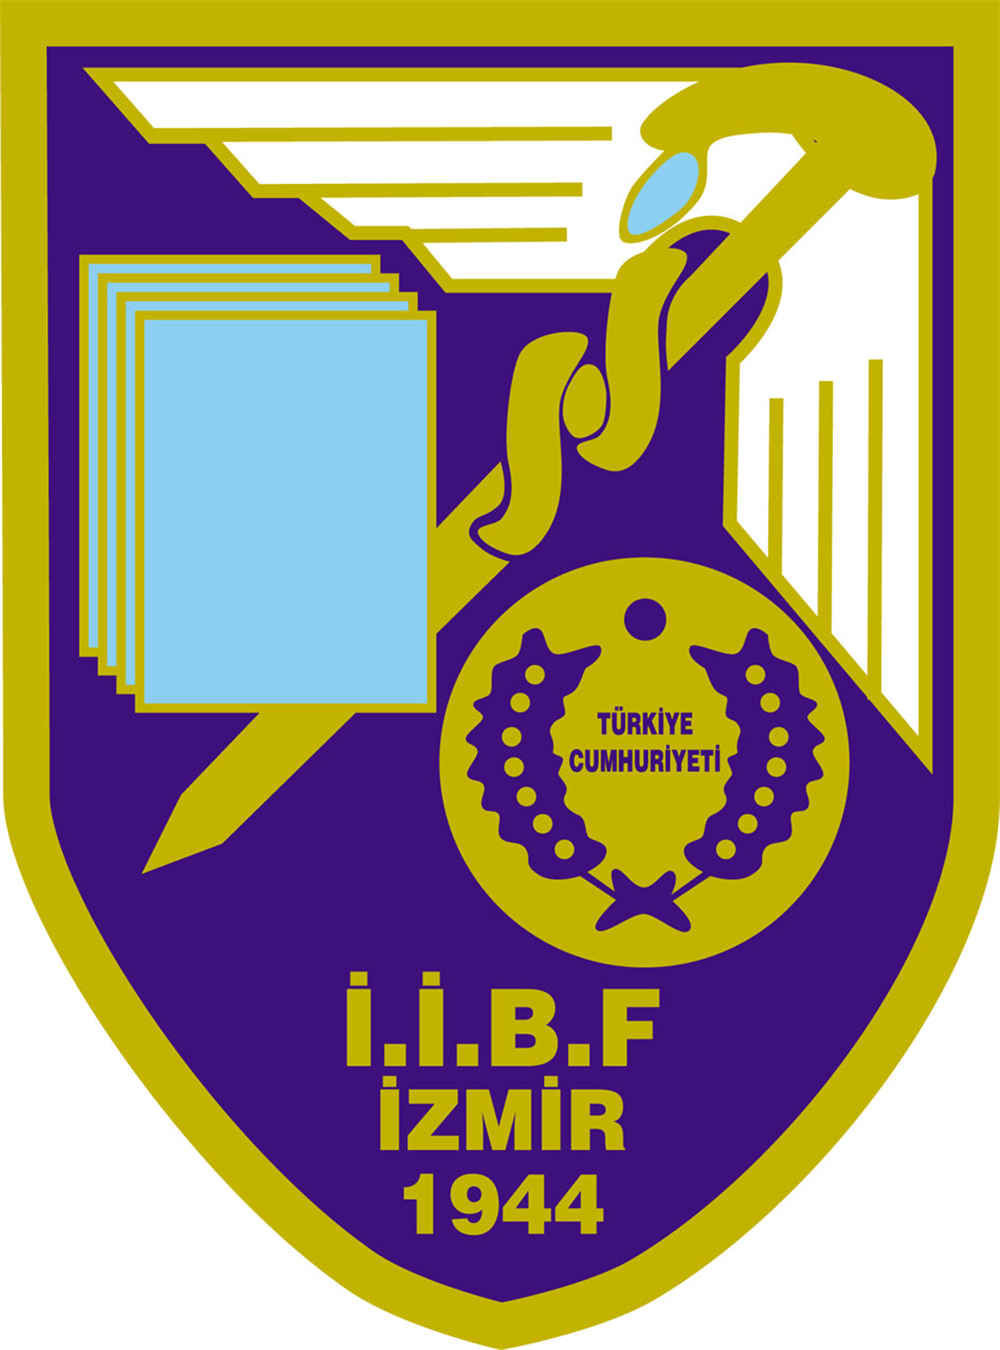 İ.İ.B.F İzmir